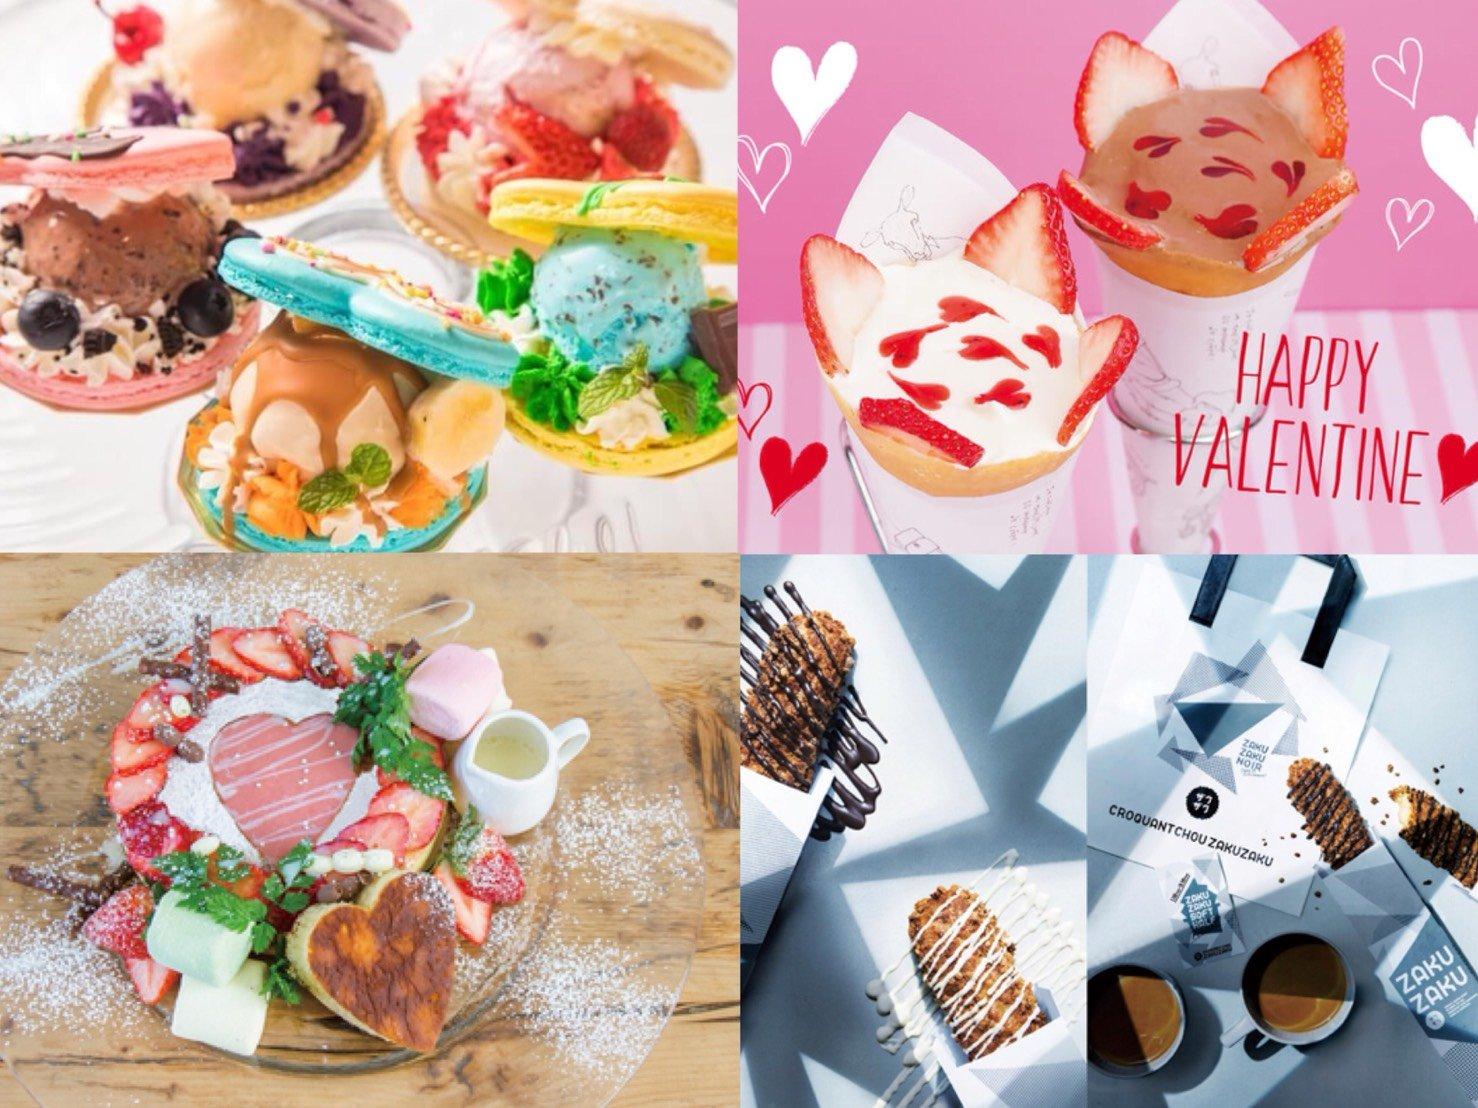 6間日本人氣咖啡廳的2018年情人節限定菜單介紹 咖啡廳、在原宿、在東京、情人節、甜點